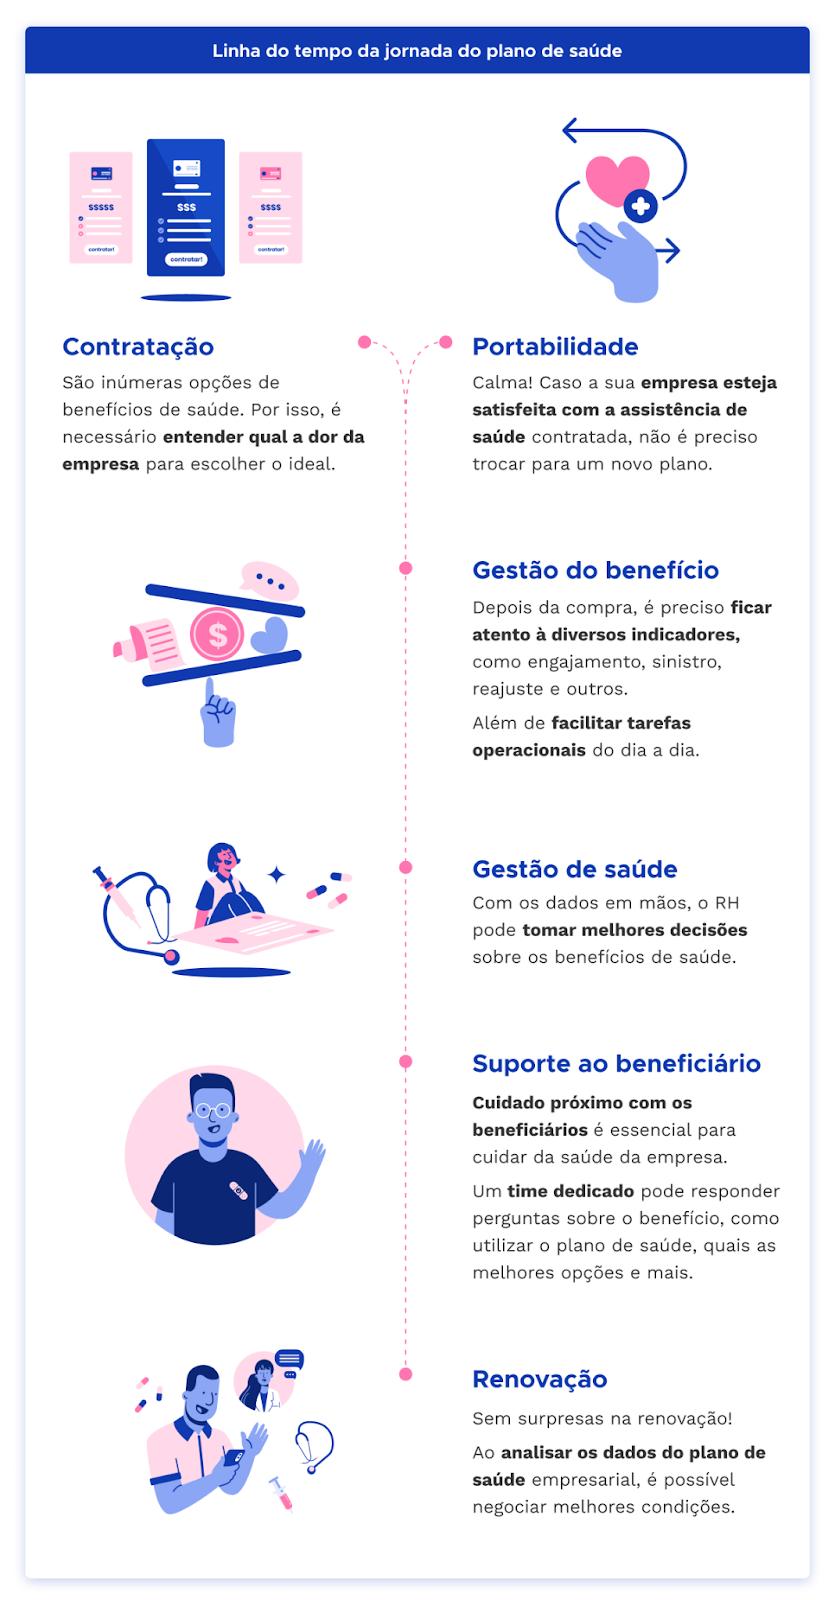 Jornada do plano de saúde - Pipo